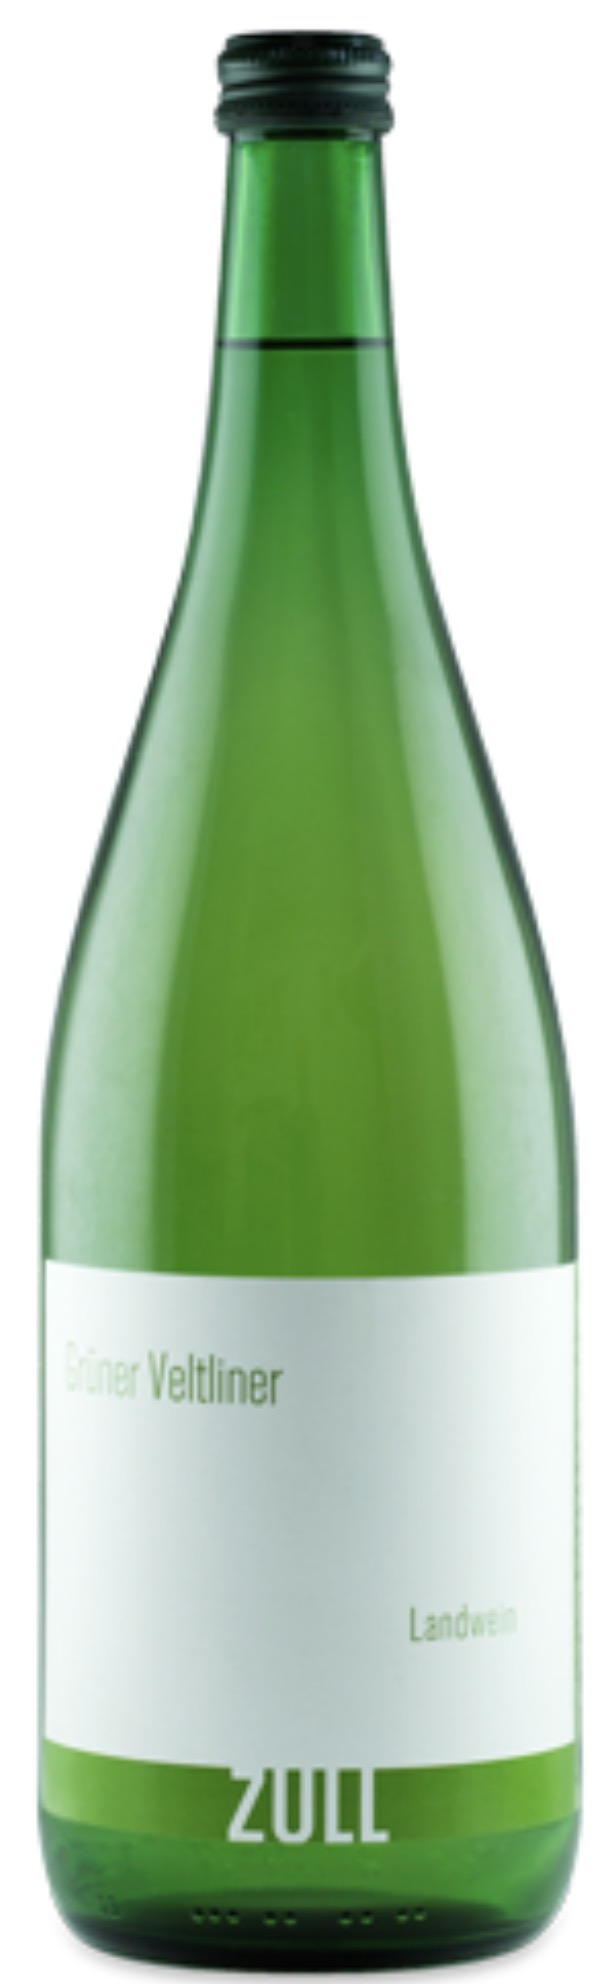 landwein gruner.jpg